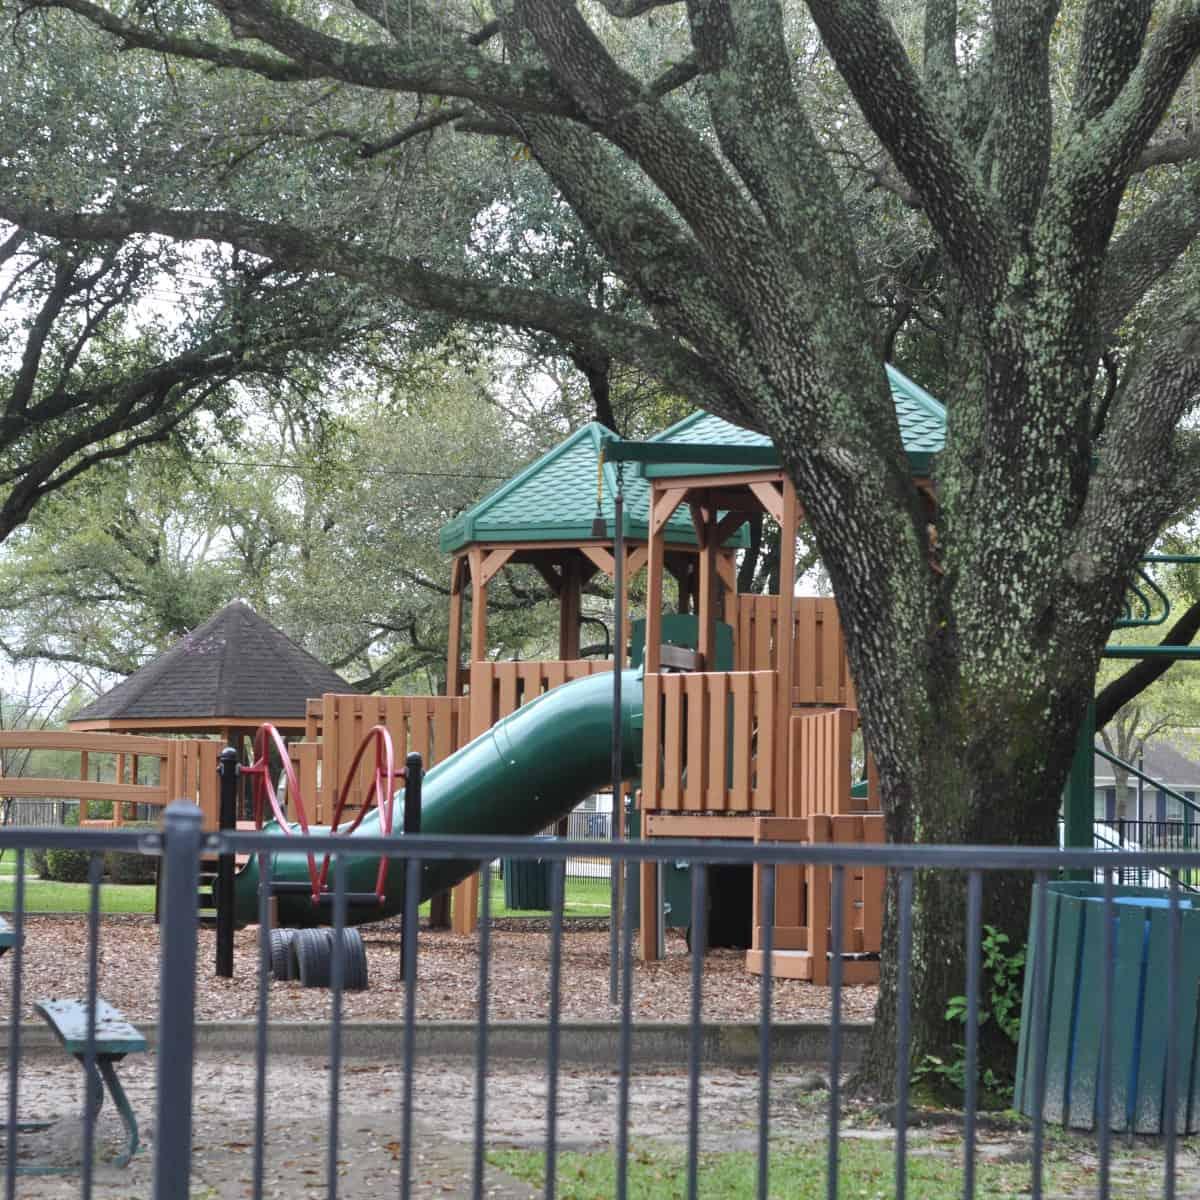 Carol Fox Park Playground